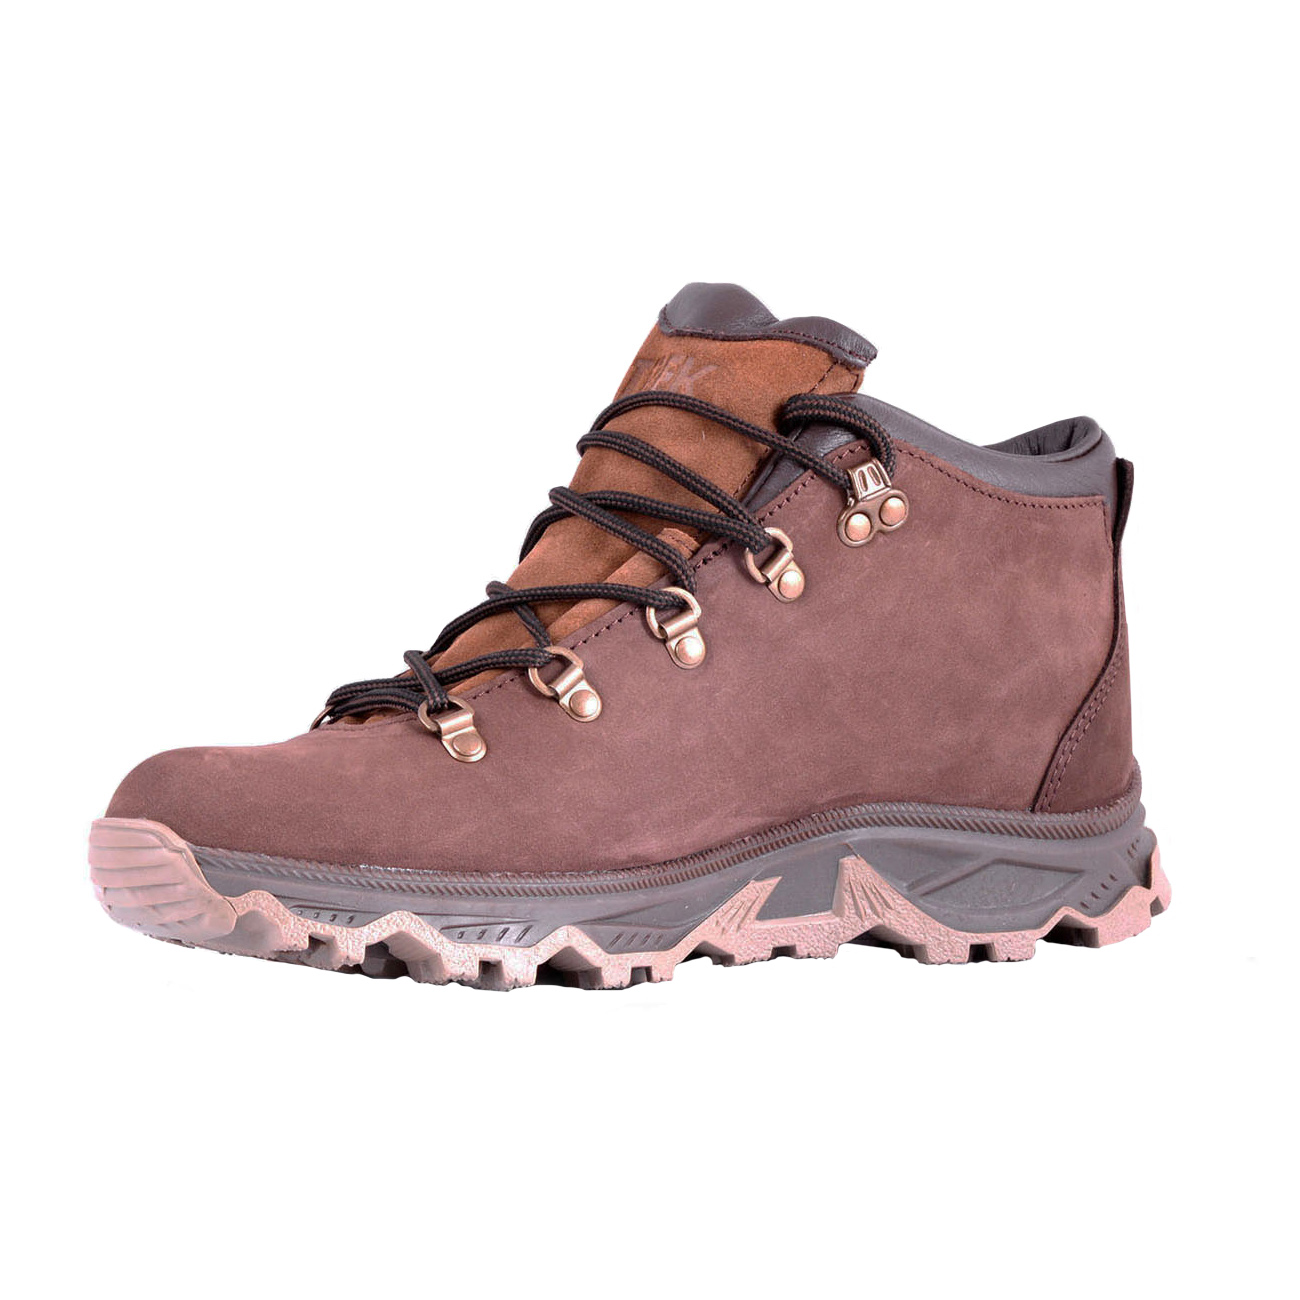 Купить Ботинки мужские TREK Andes6 (шерст.мех), Обувная фабрика Trek